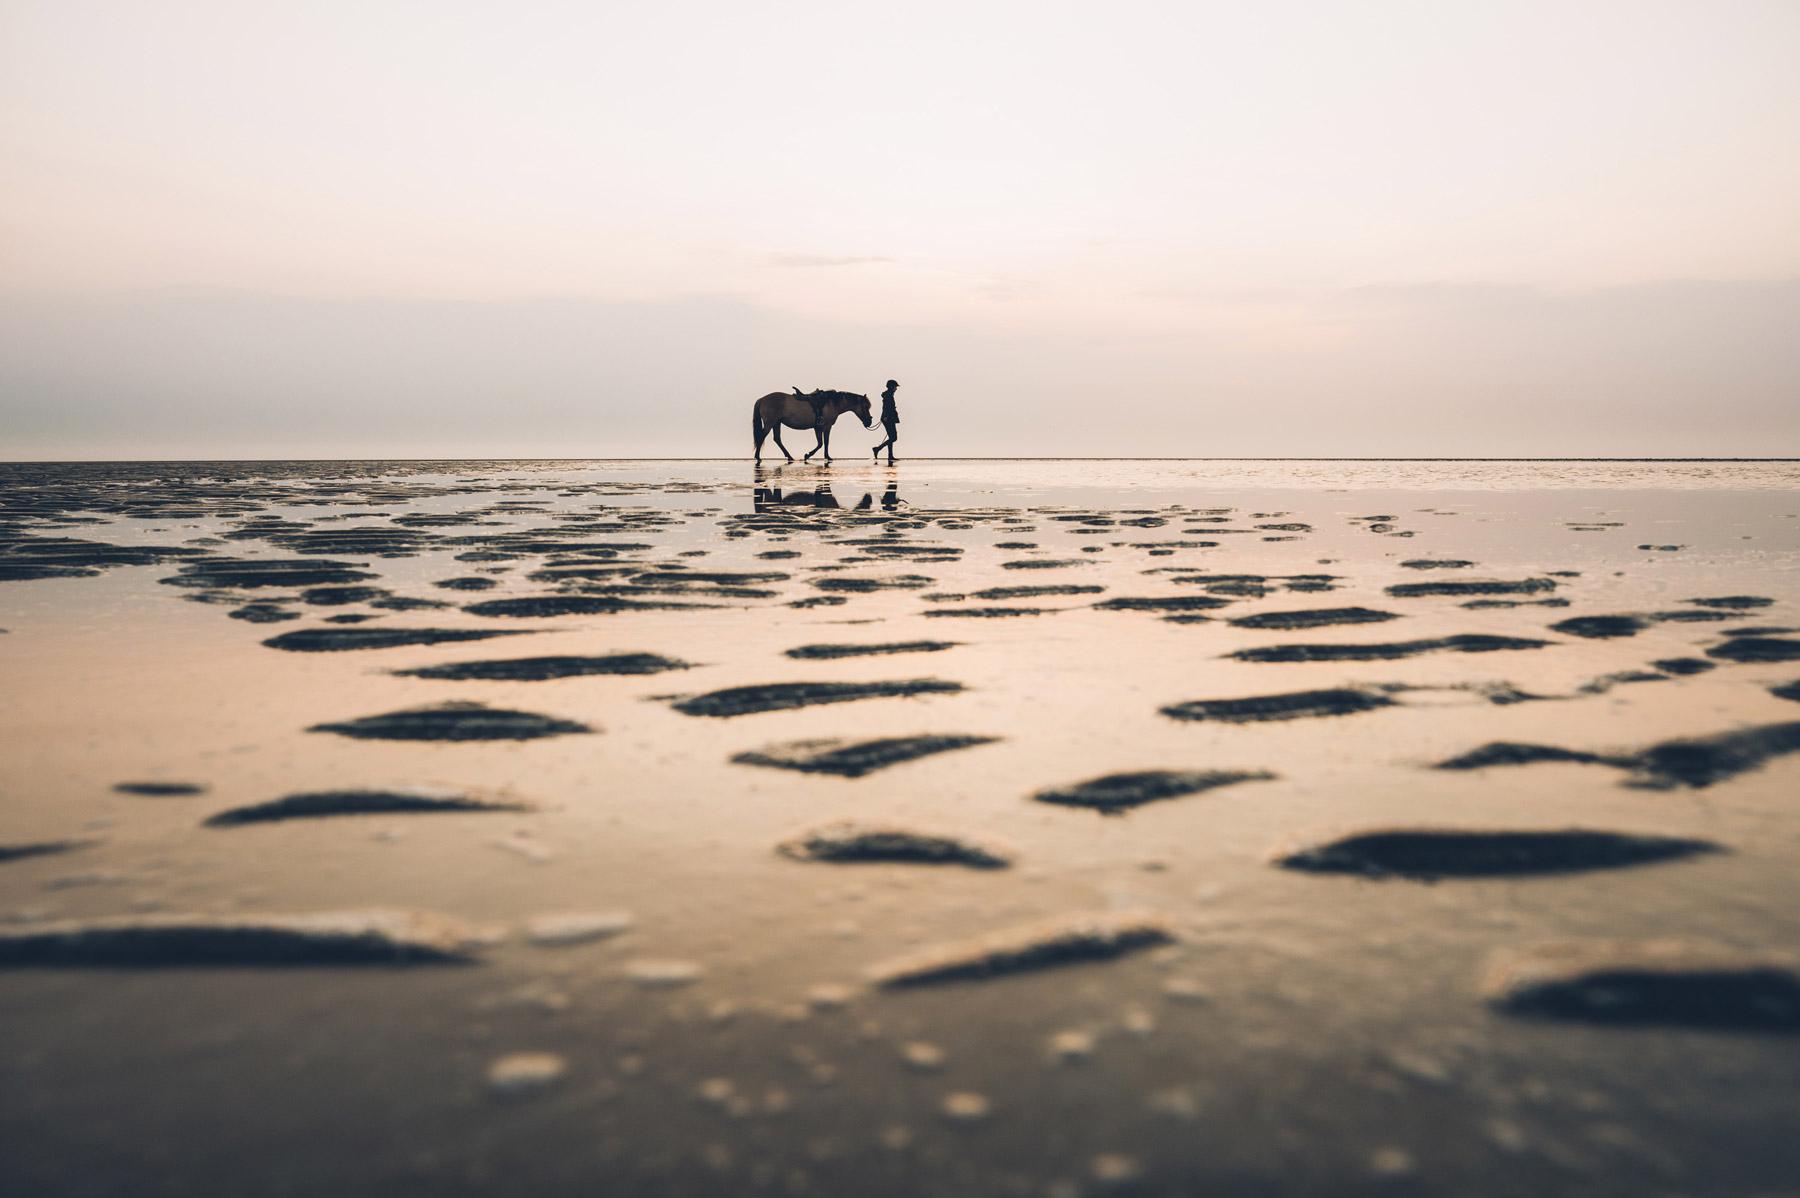 Cheval sur la plage en baie de somme